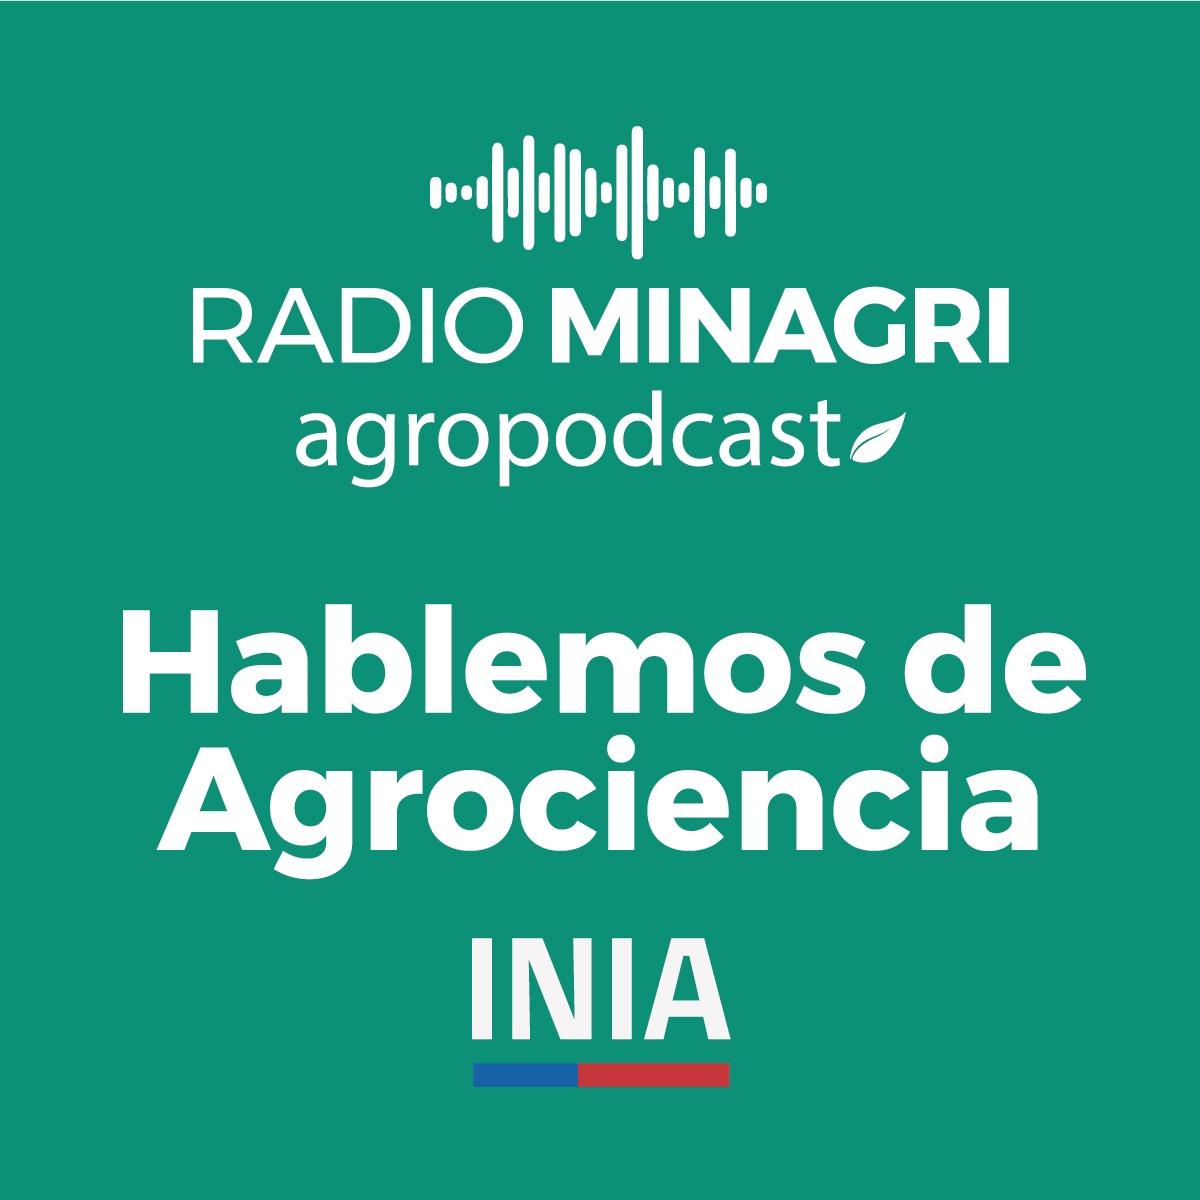 Hablemos de Agrociencia – Episodio 8: Mejoramiento genético animal